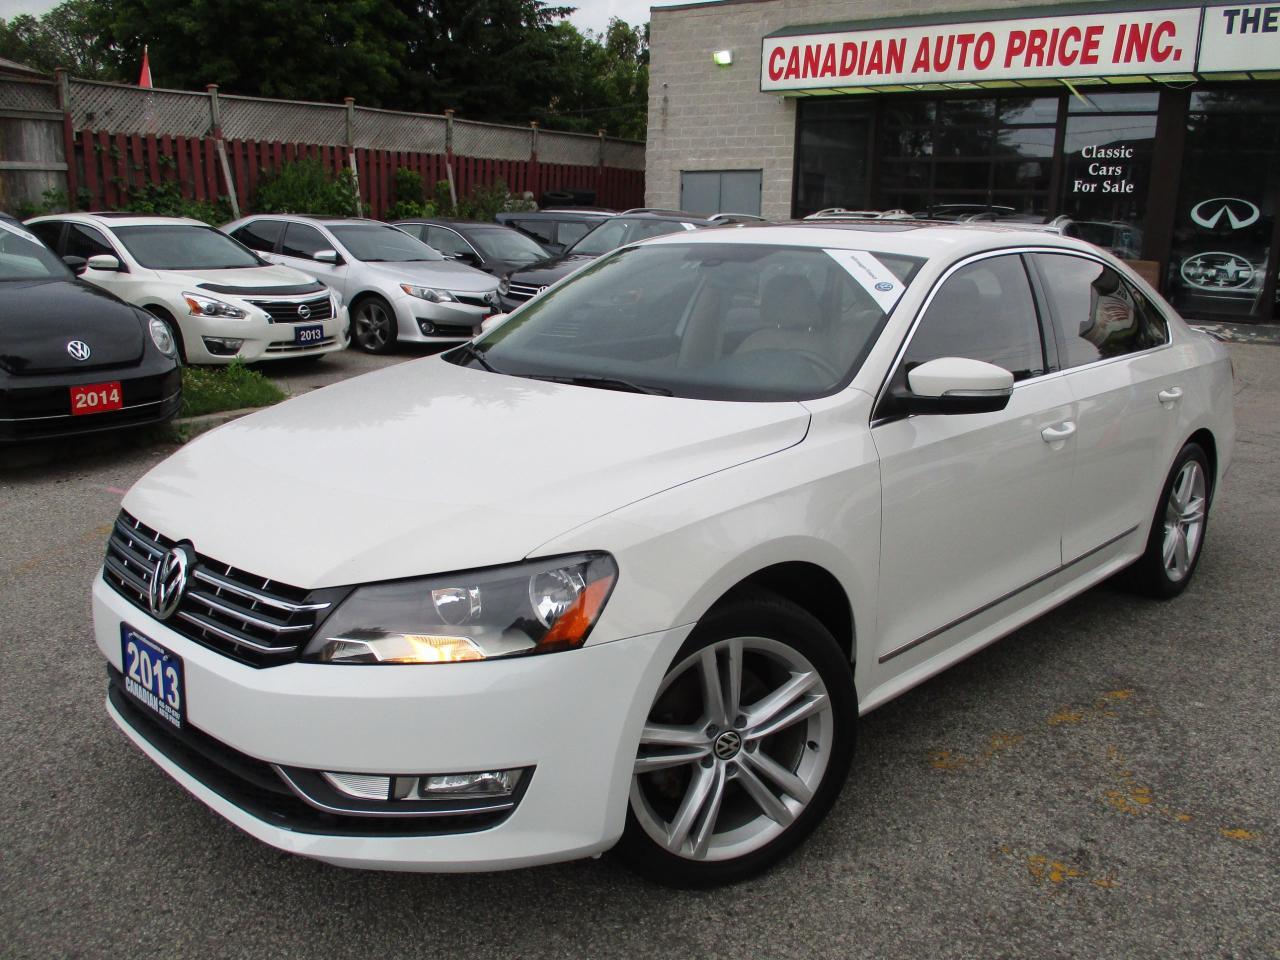 2013 Volkswagen Passat | Canadian Auto Price